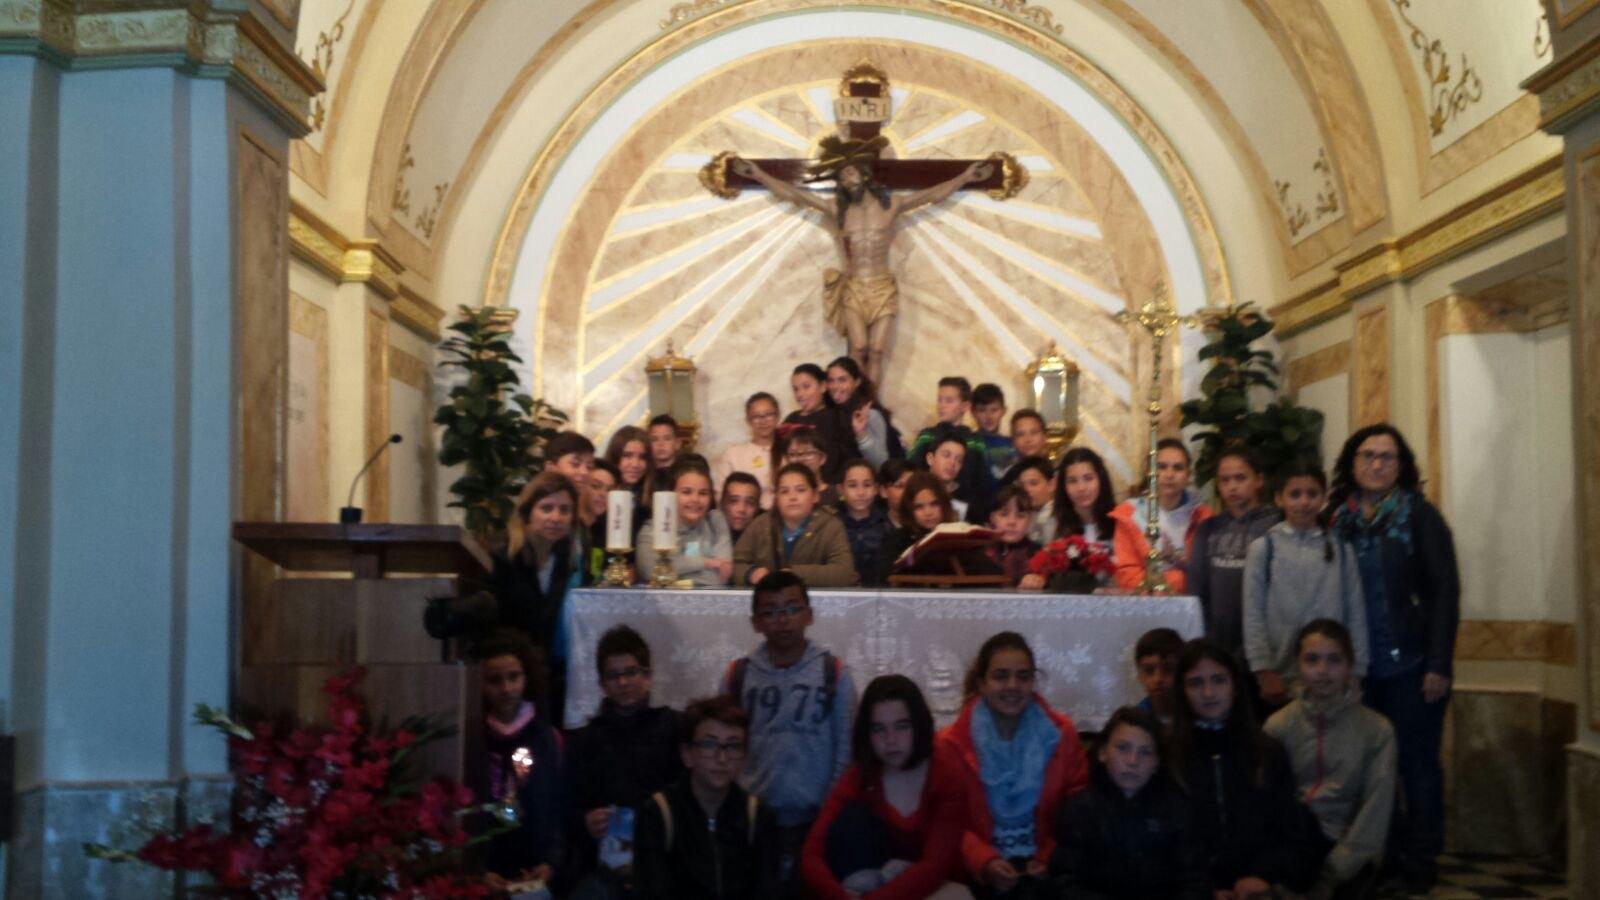 (2017-03-31) - Visita ermita alumnos Yolada-Pilar, Virrey Poveda-9 de Octubre - Maria Isabel Berenquer Brotons (03)